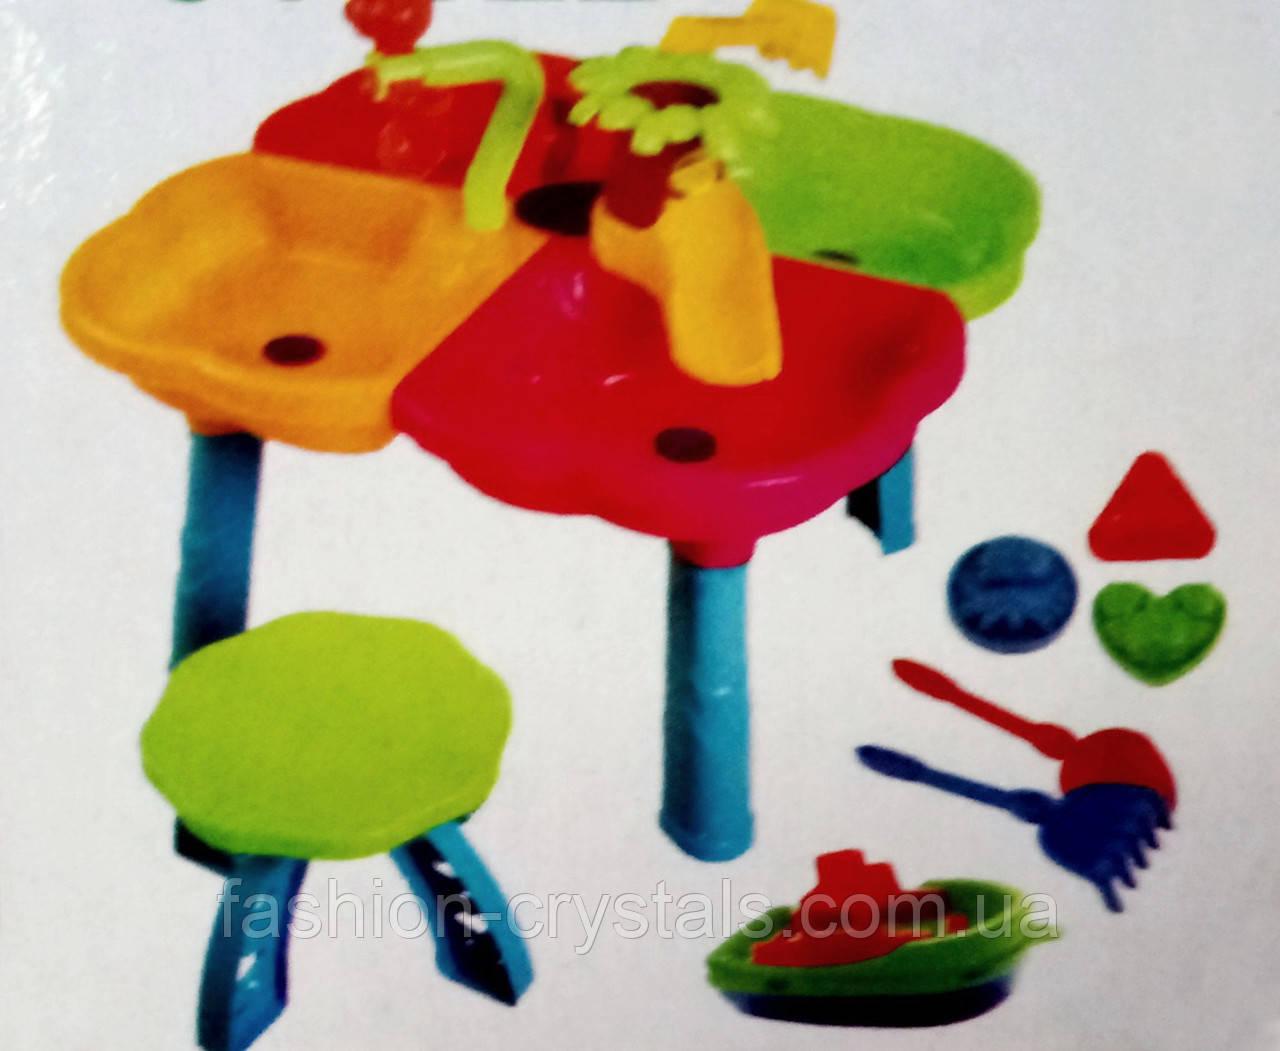 Столик-Песочница для игр с песком и водой 01-122 - фото 2